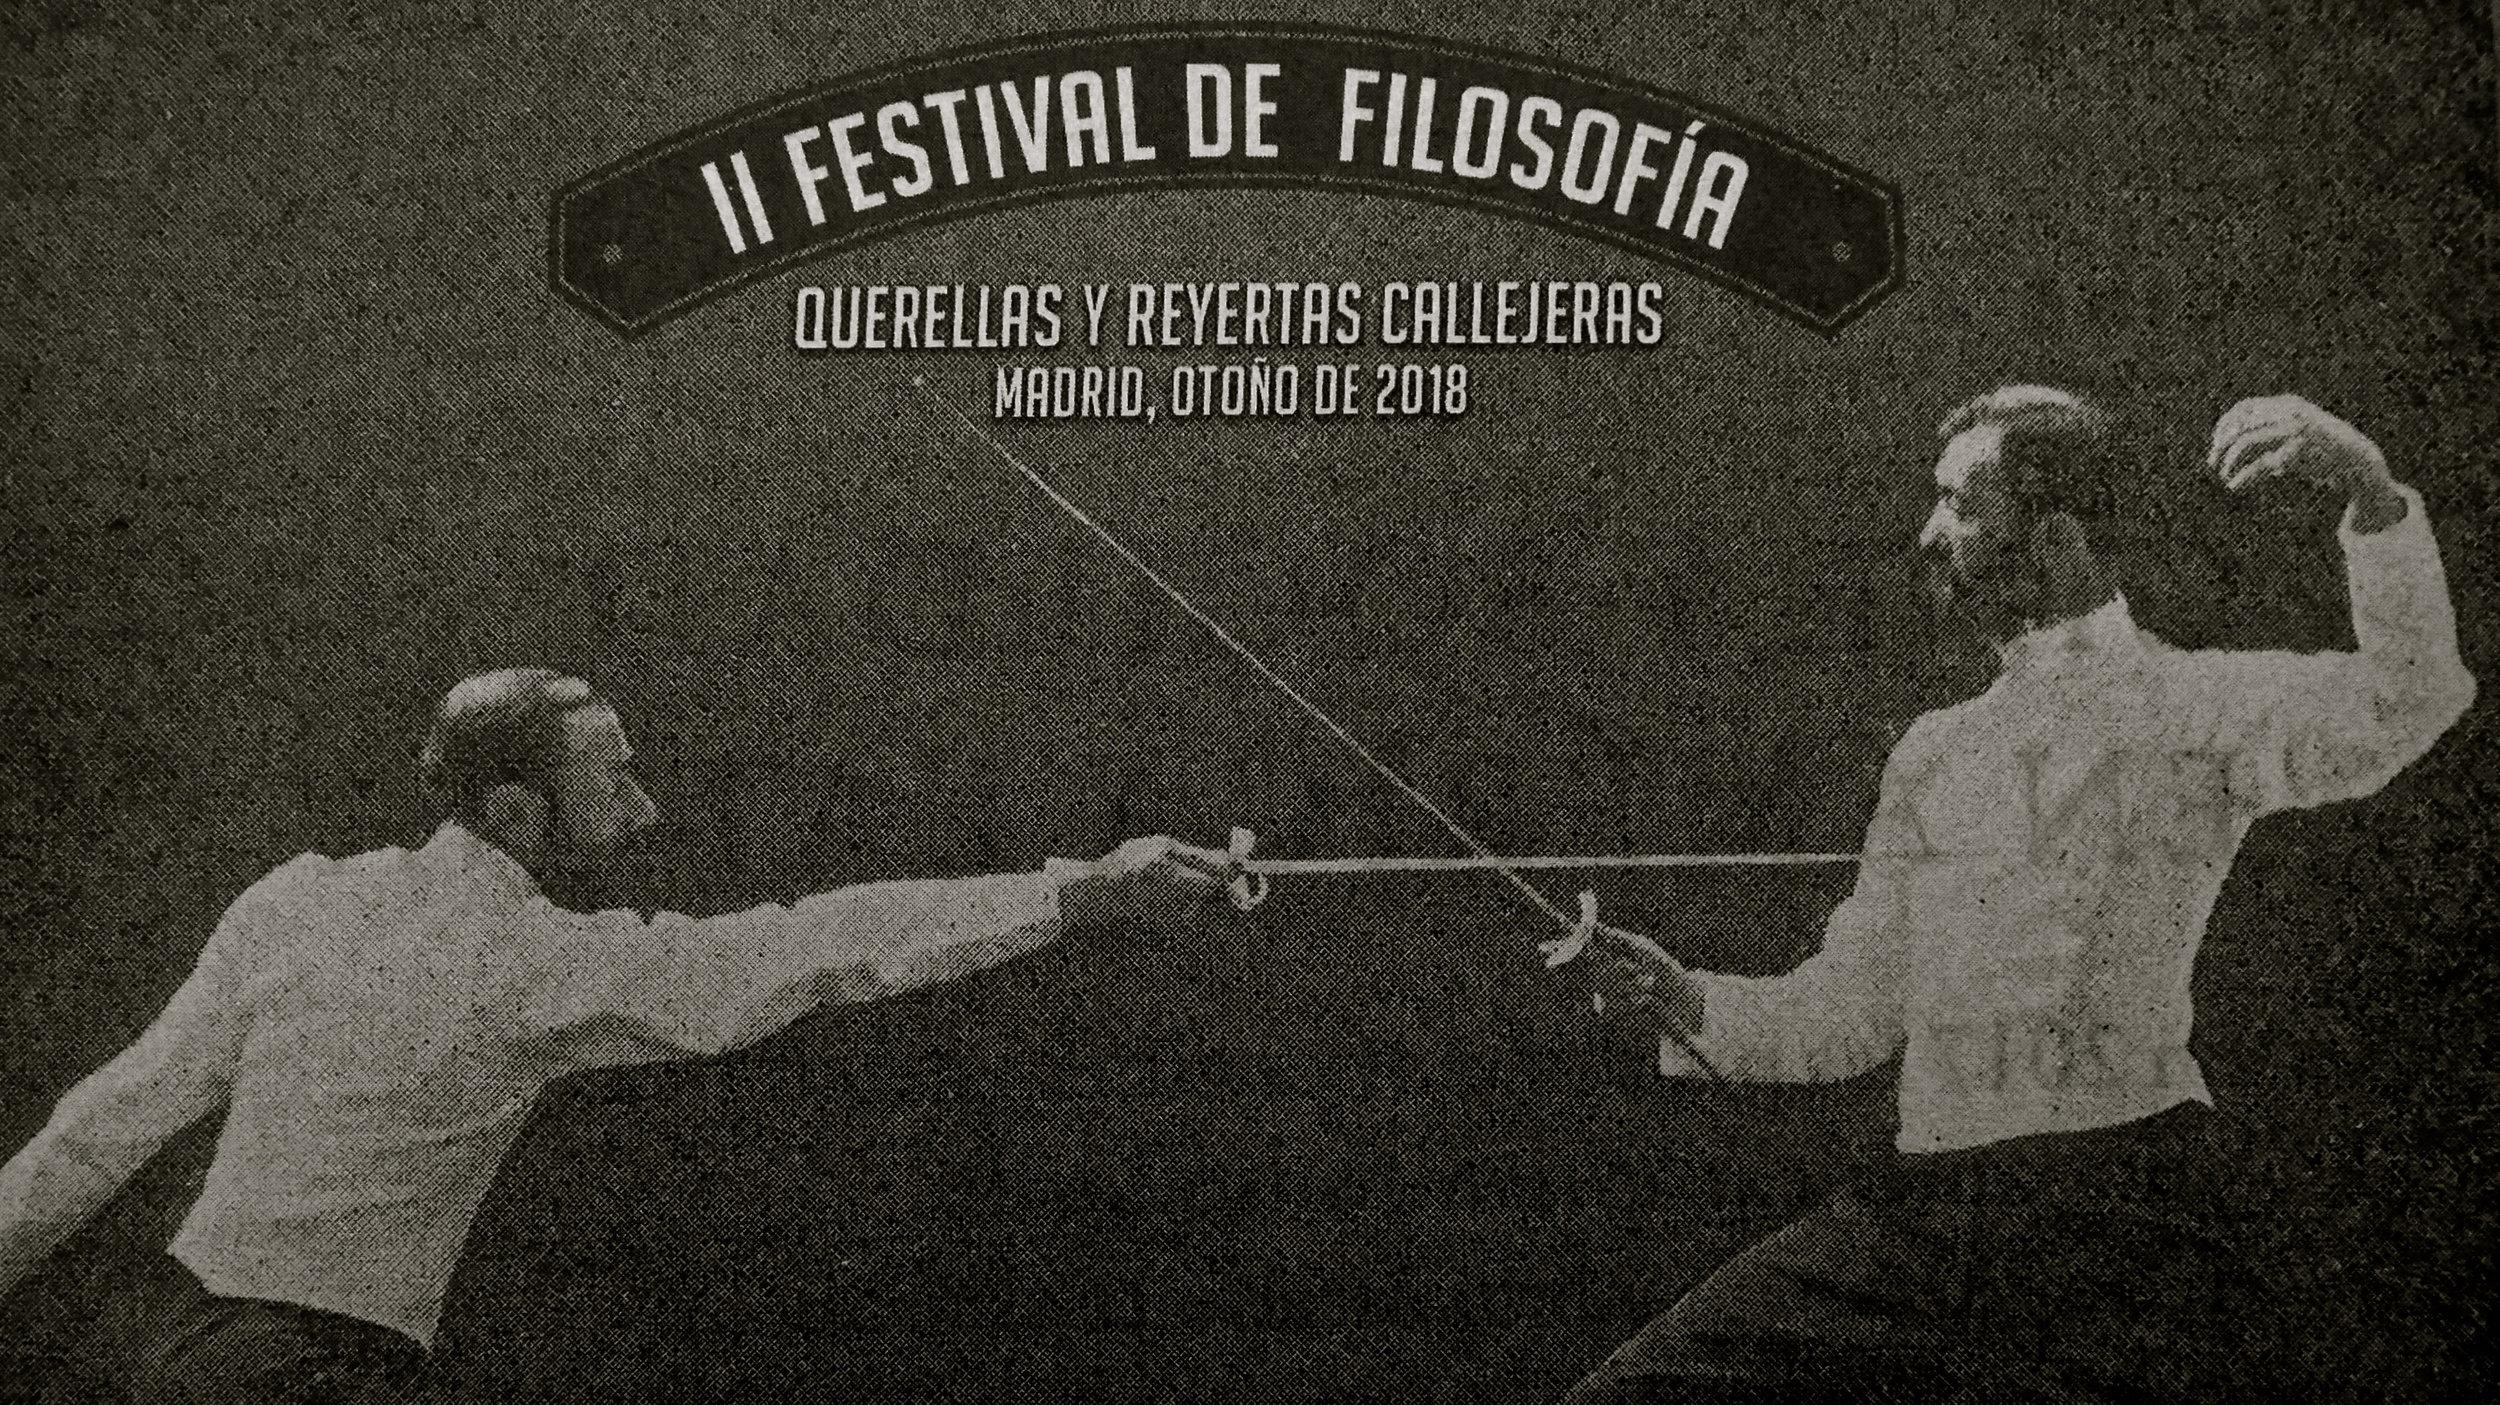 Festival Filosofía Querellas y reyertas callejeras